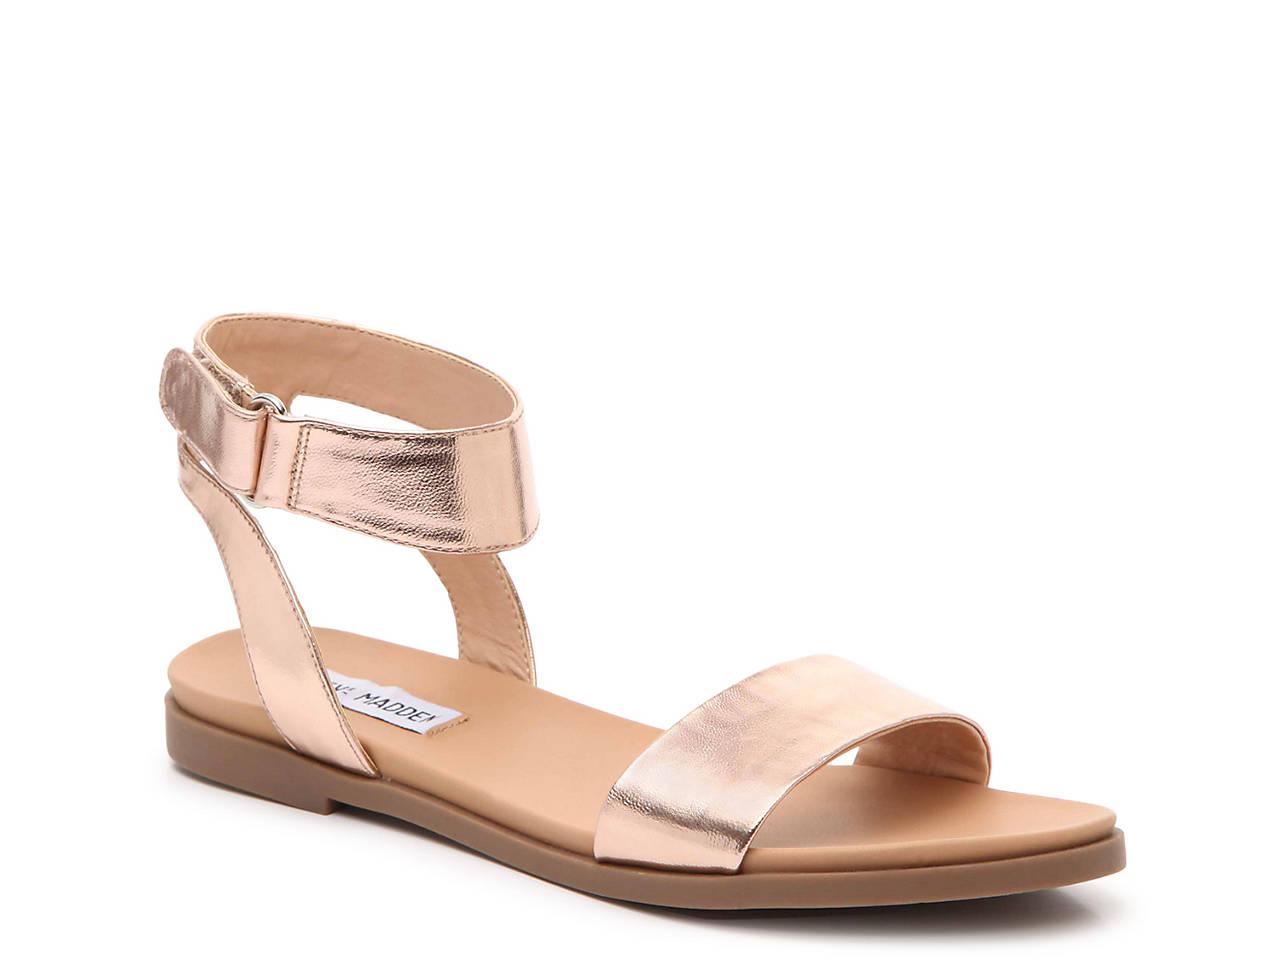 09d7acd1399bdb Steve Madden Meghan Flat Sandal Women s Shoes